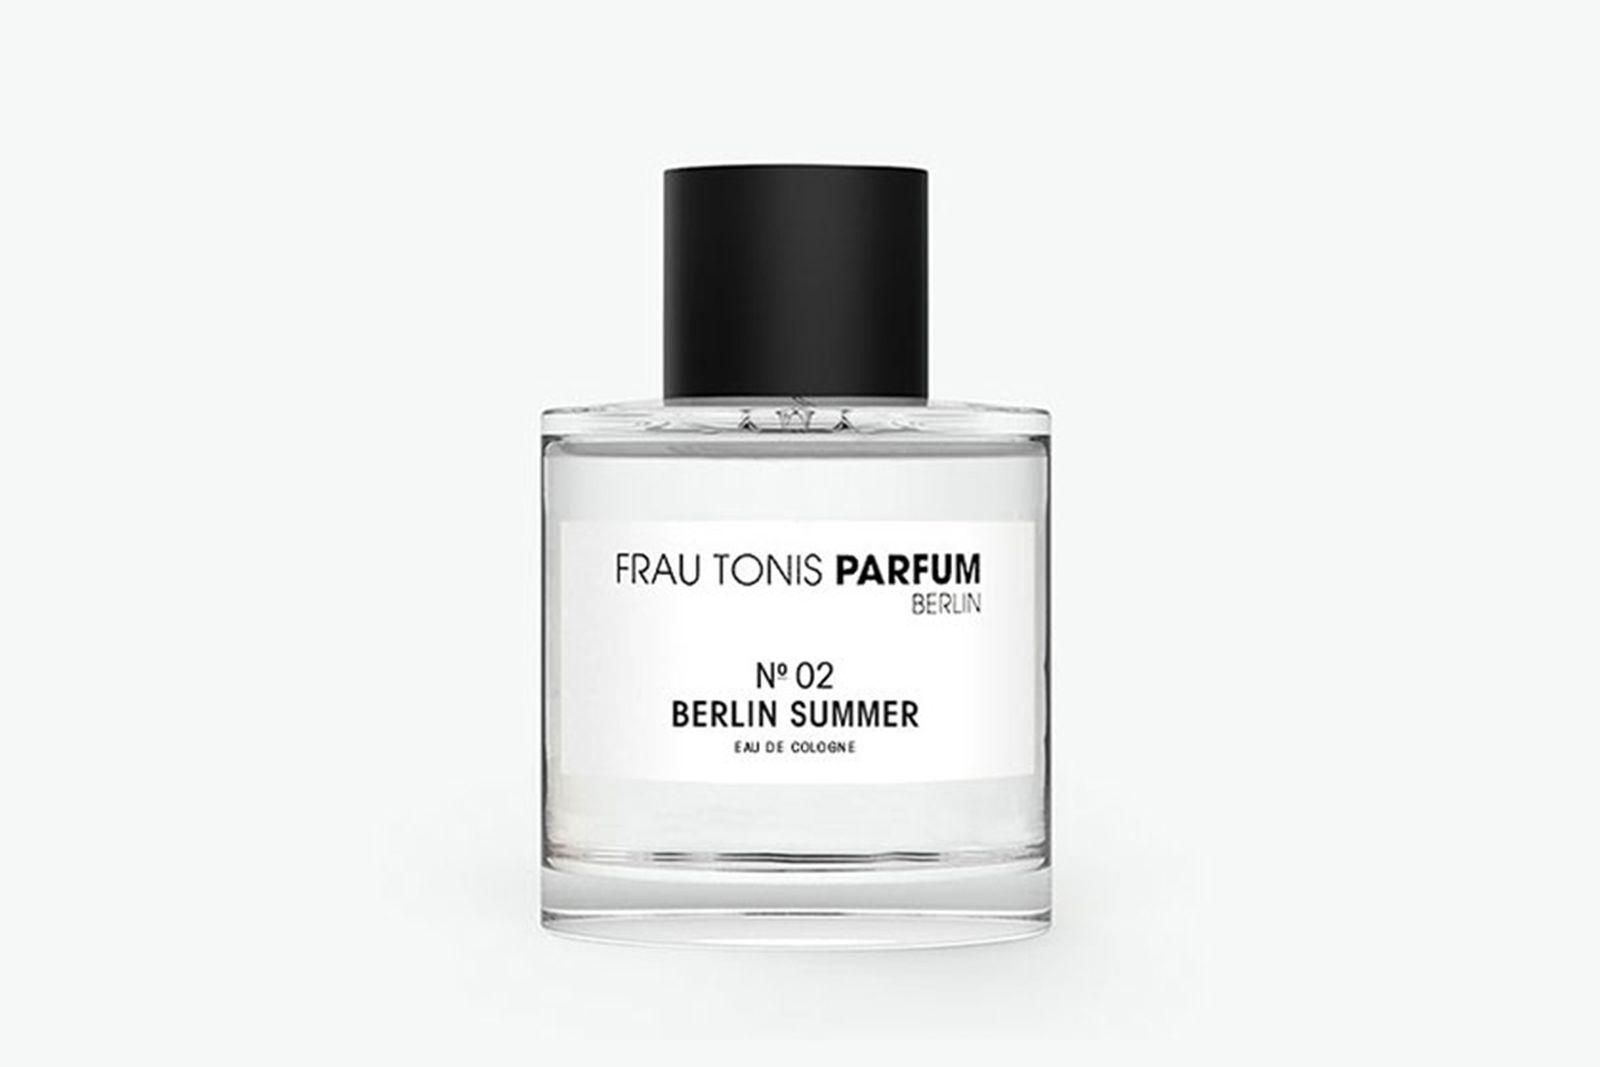 02 berlin summer frau tonis parfum onlineshop(2) ace hotel